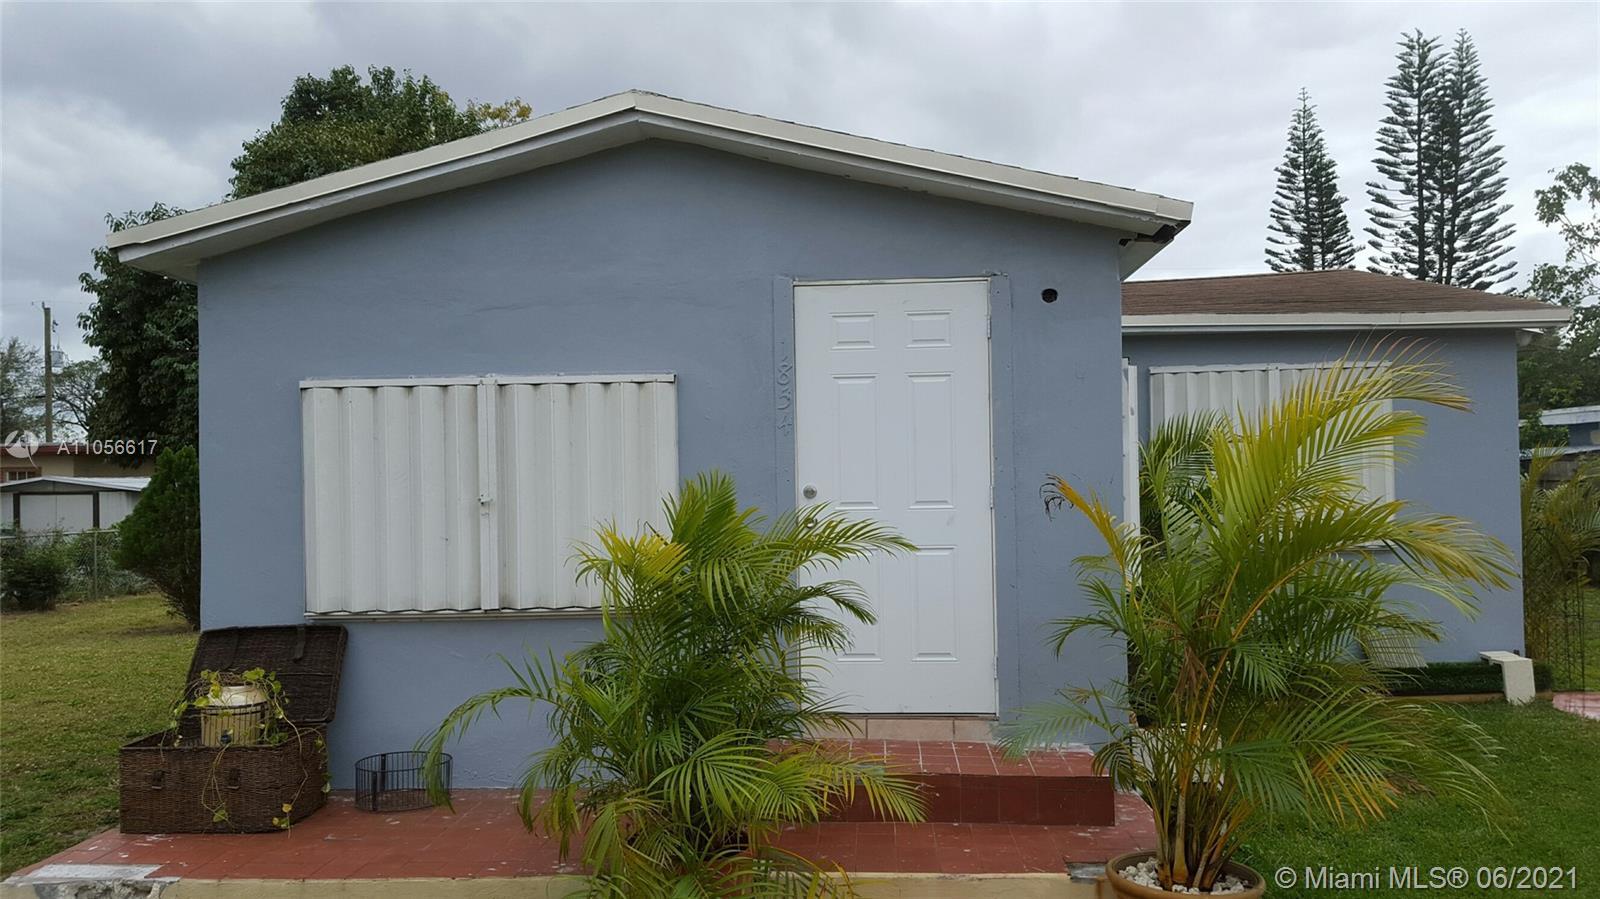 1854 NW 87th St, Miami, Florida 33147